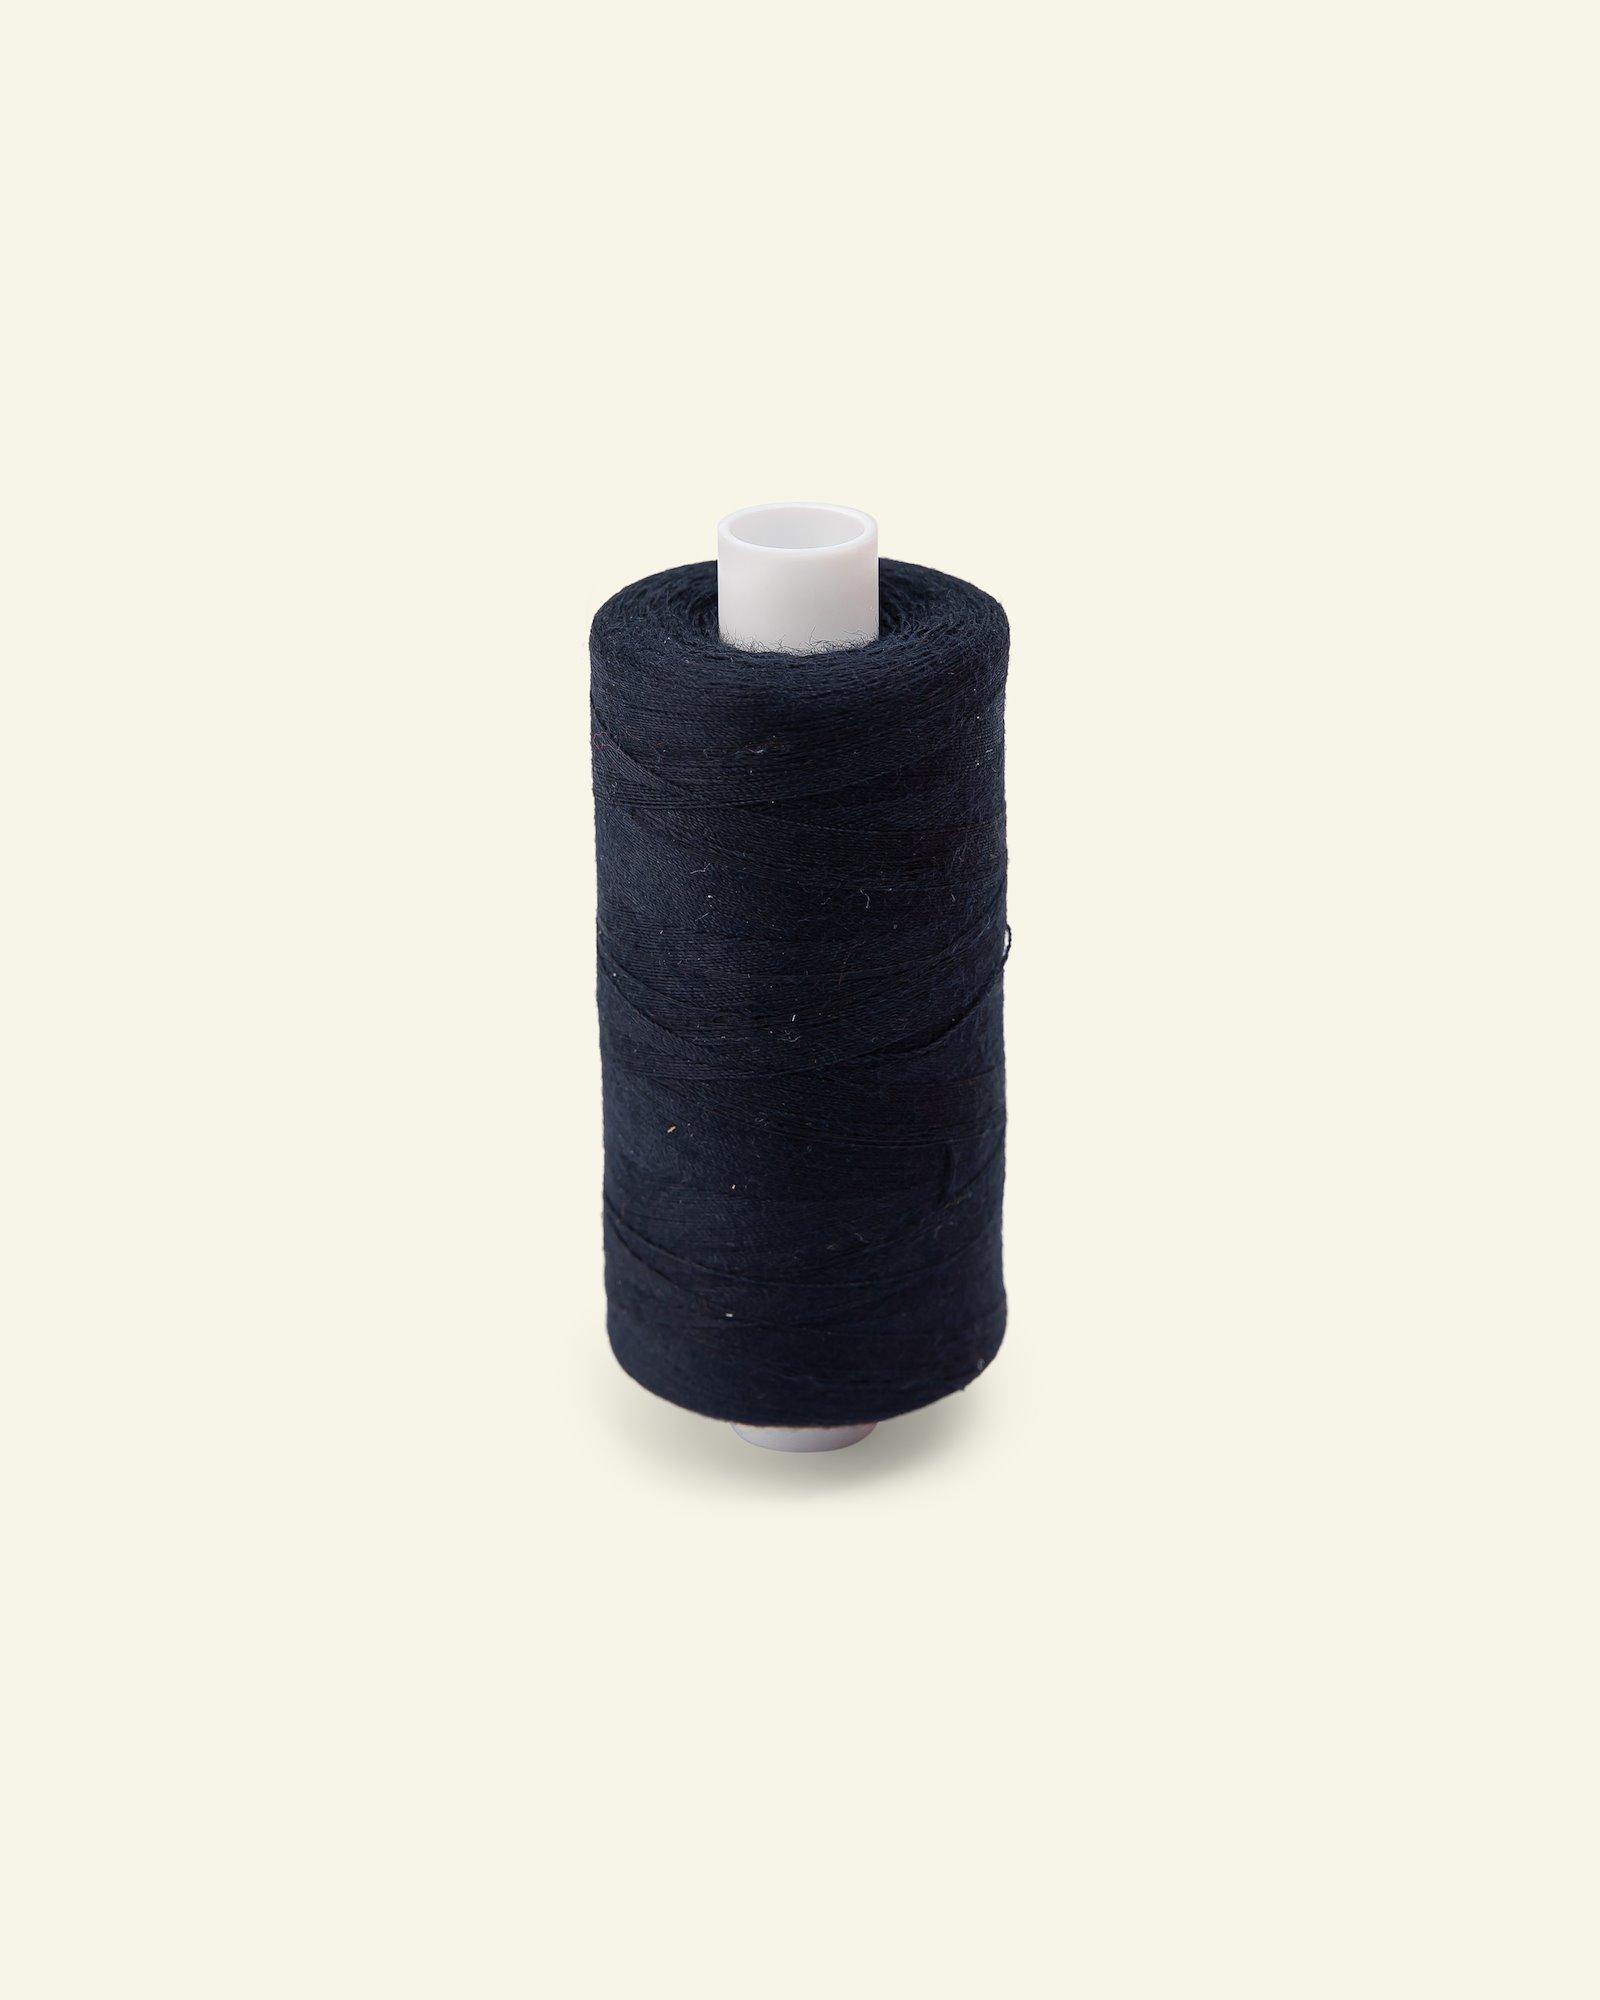 Sewing thread dark navy 1000m